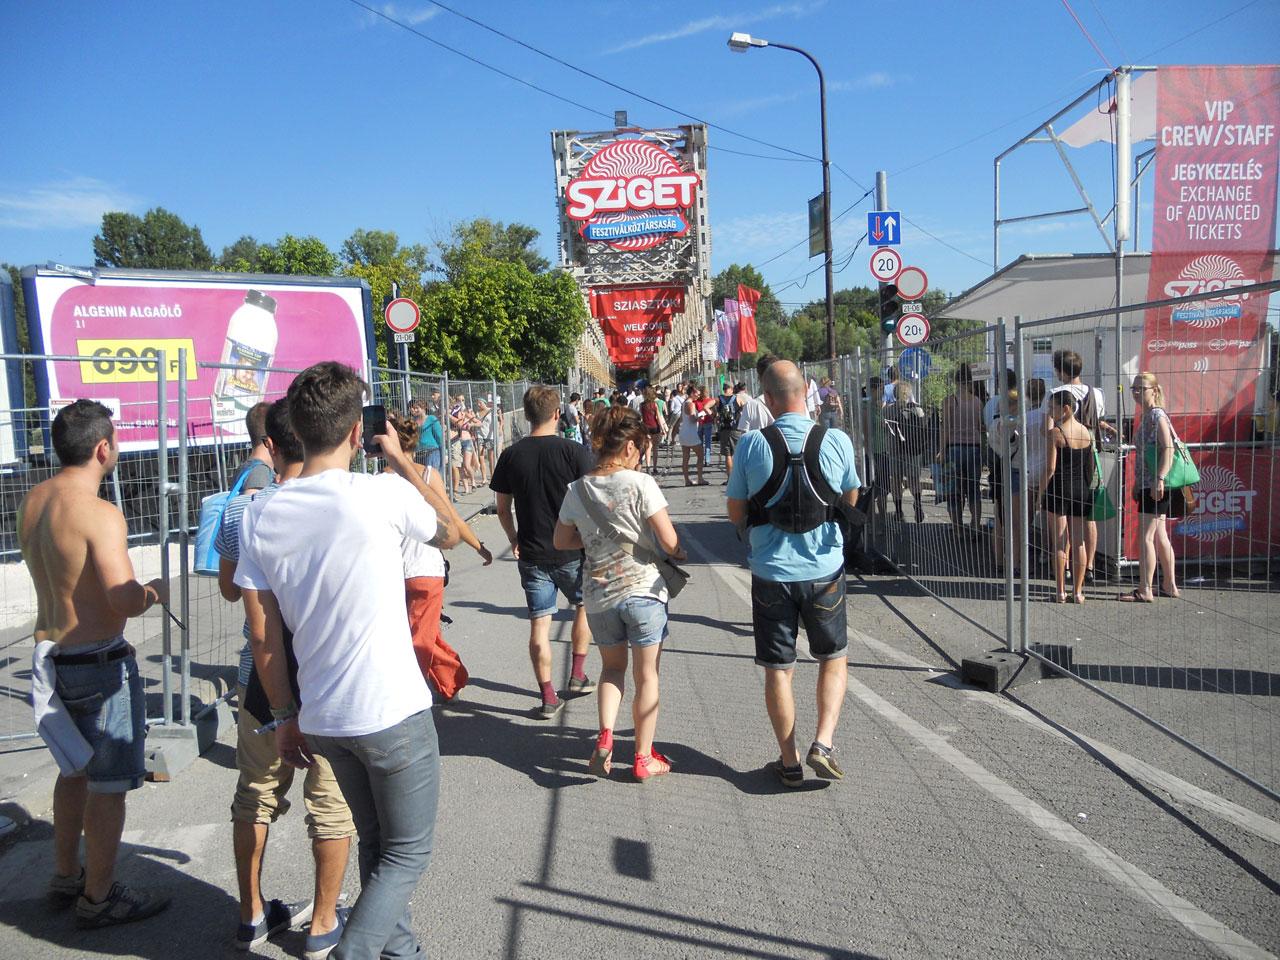 Chegando no Sziget 2013